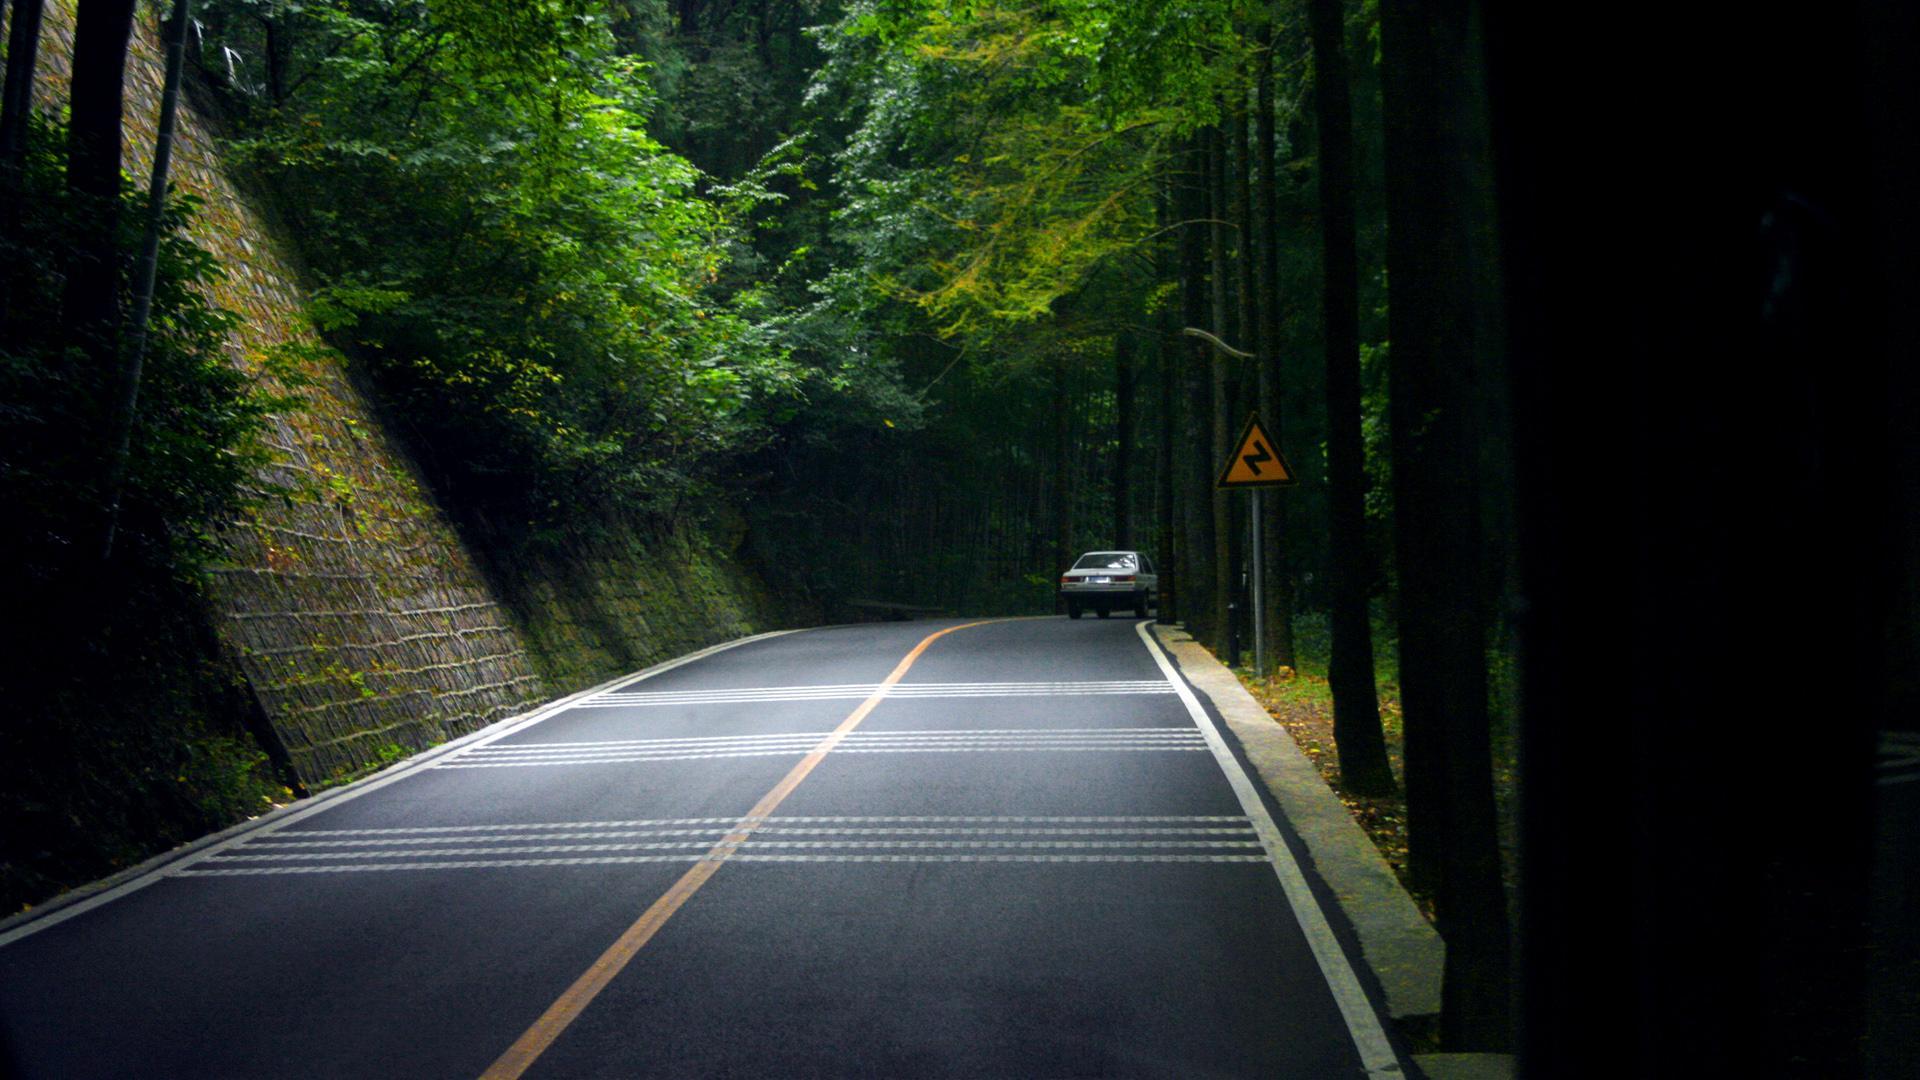 公路电脑壁纸高清壁纸 绿色森林公路风景桌面壁纸大全